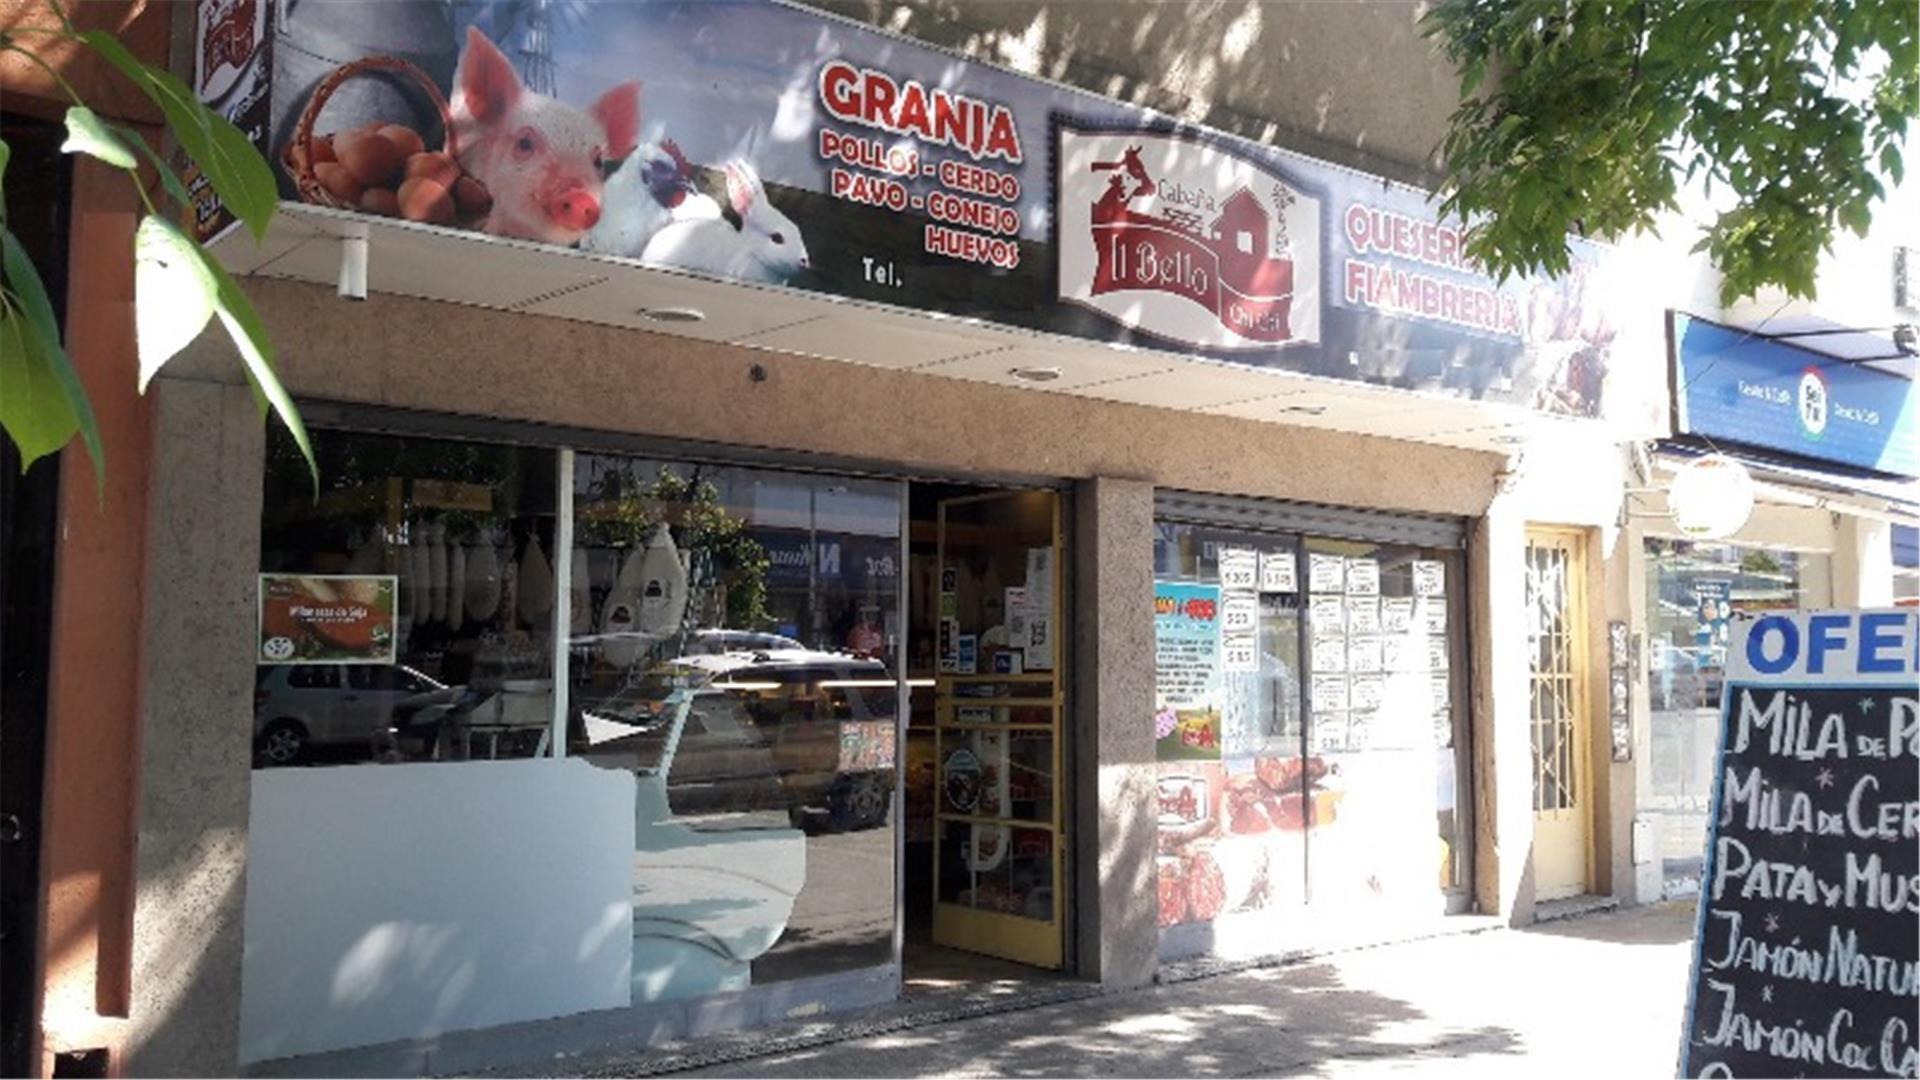 FIAMBRERIA - GRANJA - L & L Group